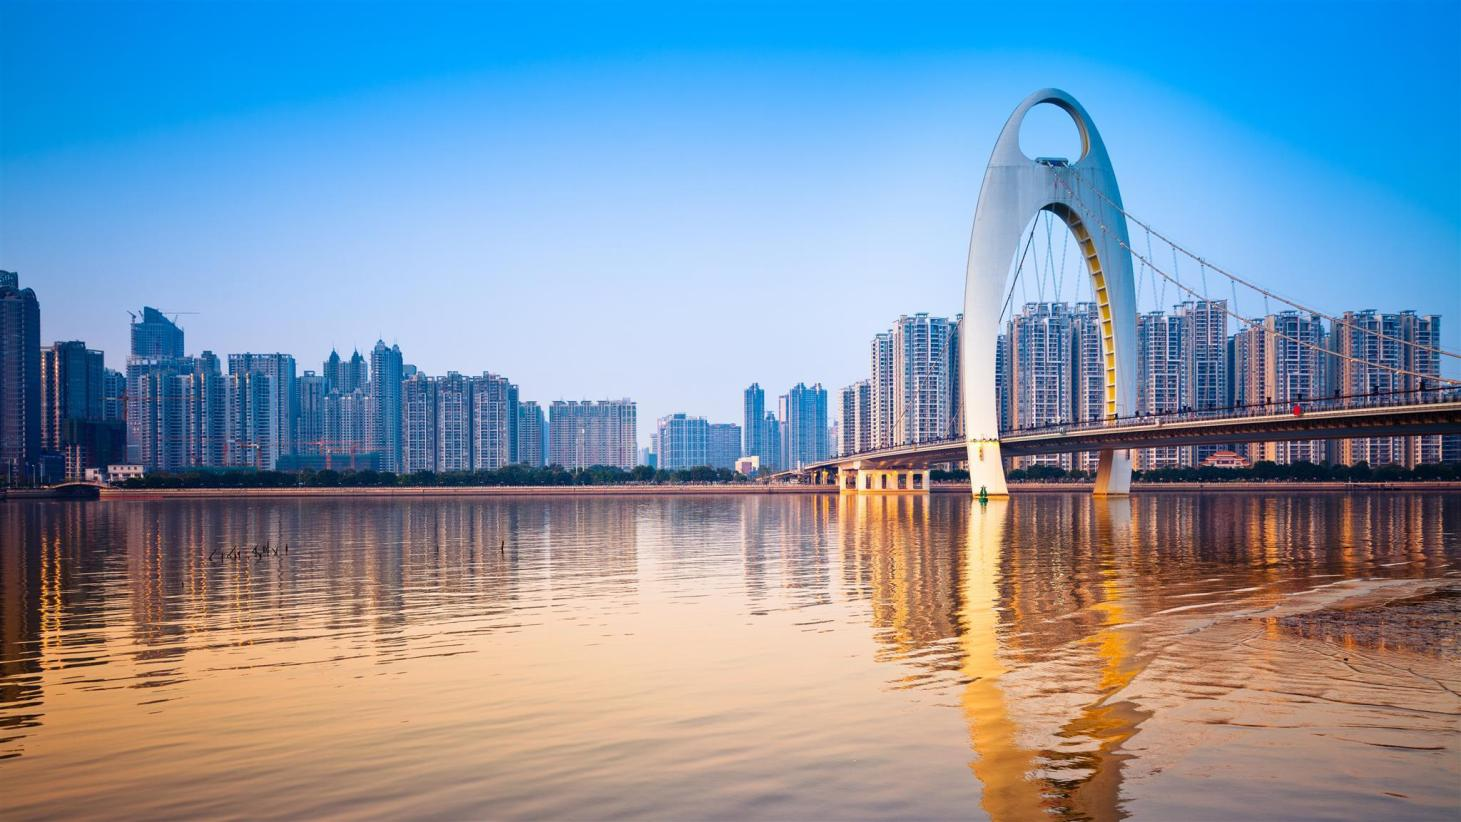 10 Best Guangzhou Hotels: HD Photos + Reviews of Hotels in Guangzhou